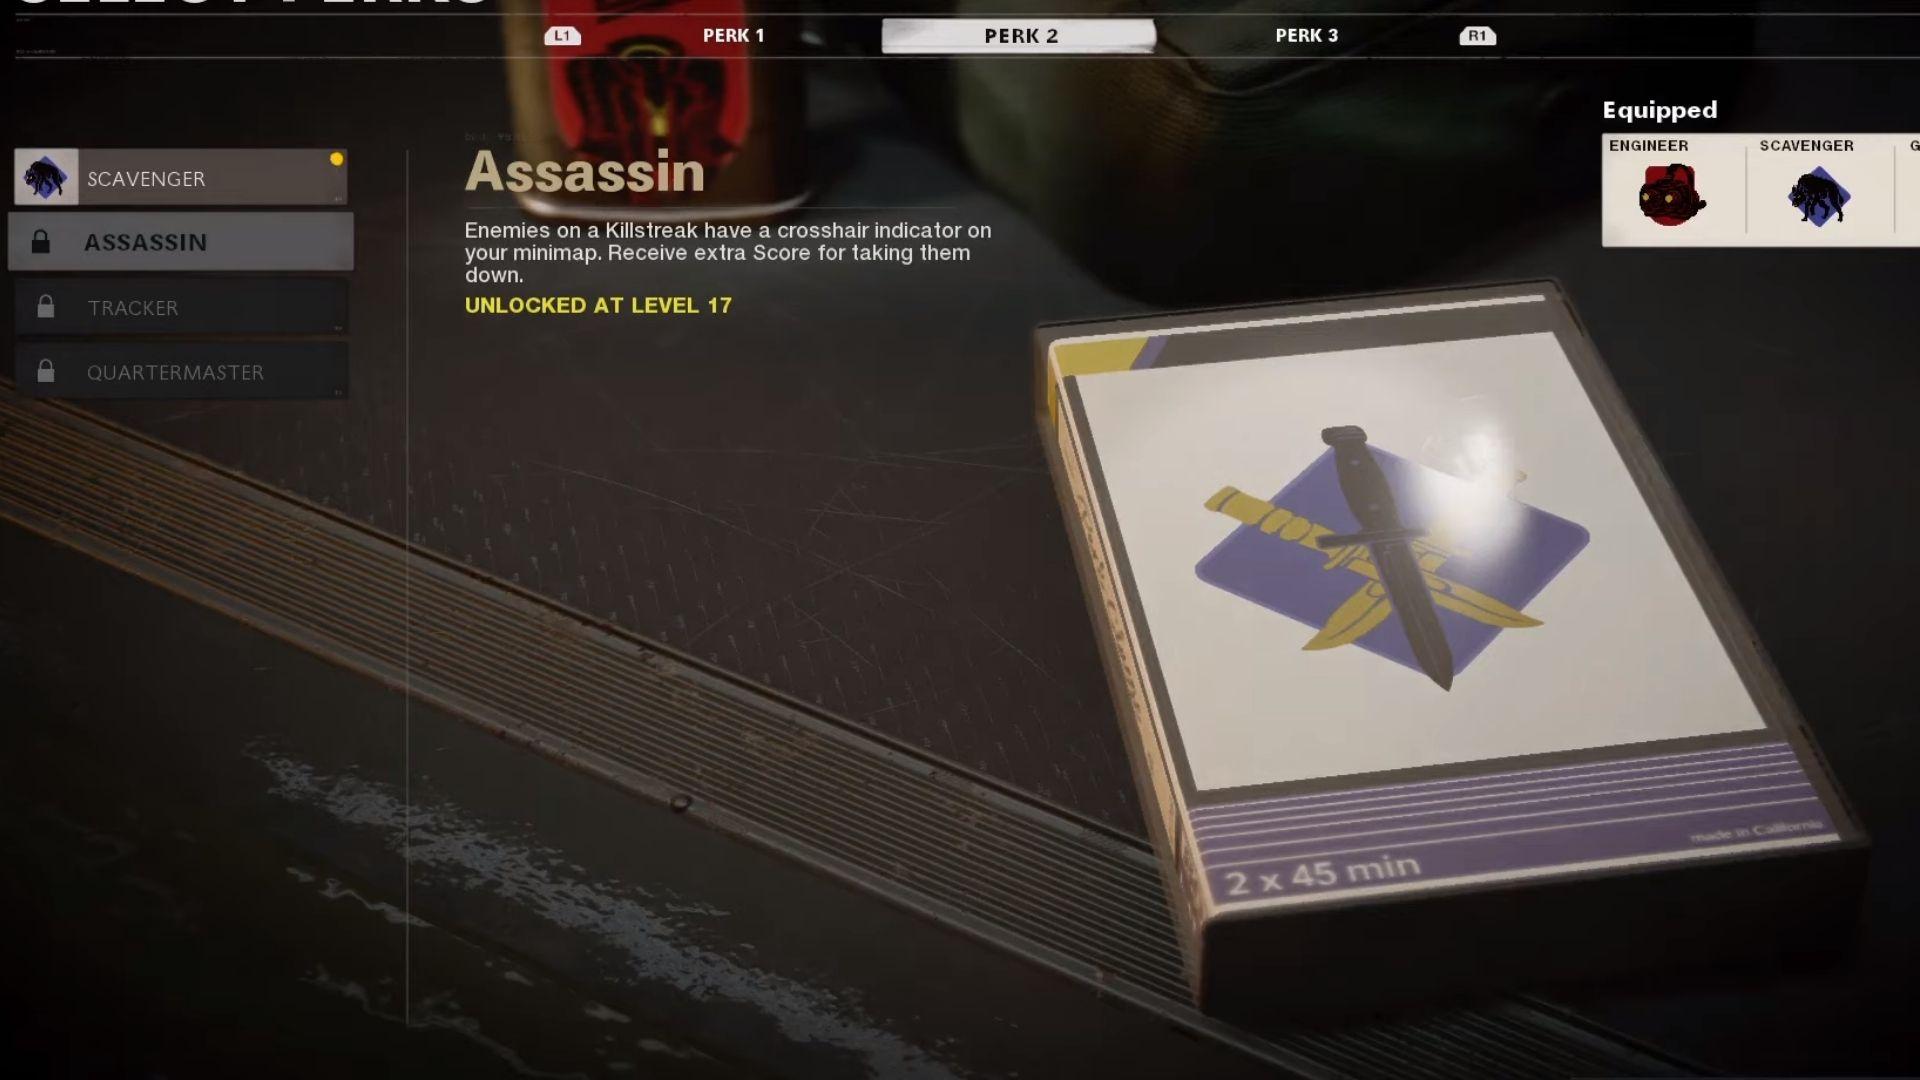 assassin perk in black ops cold war